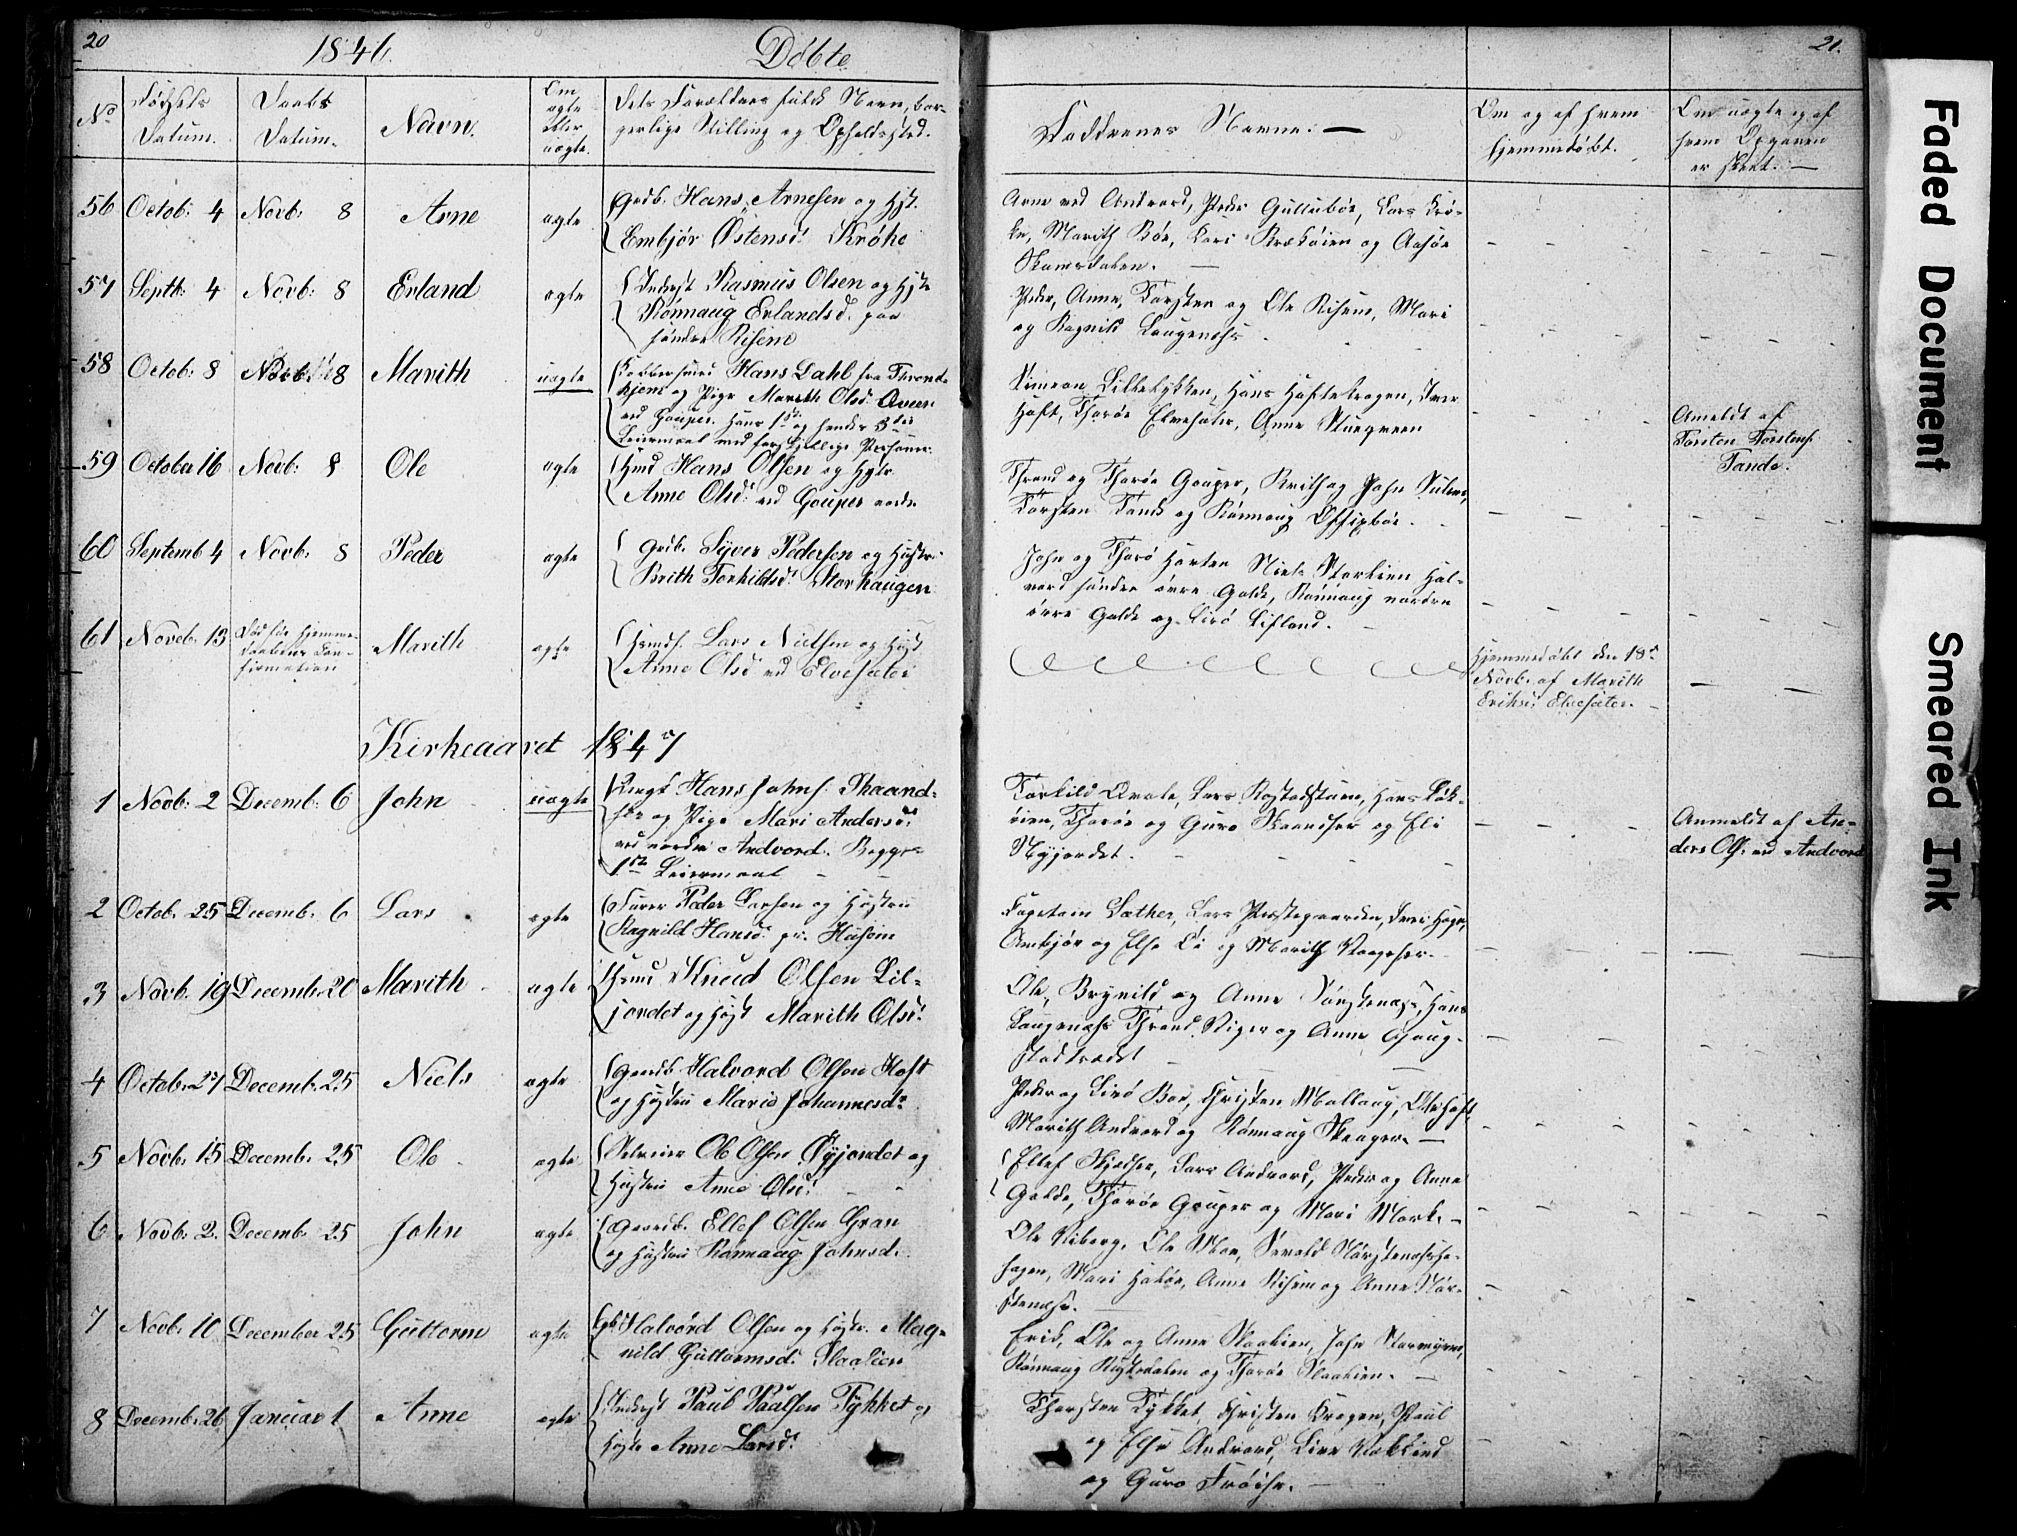 SAH, Lom prestekontor, L/L0012: Klokkerbok nr. 12, 1845-1873, s. 20-21